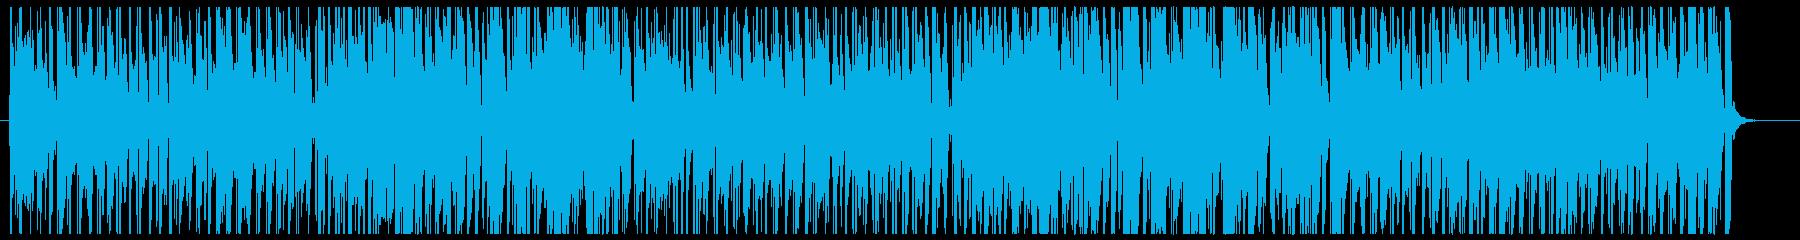 爽やかボサノバの再生済みの波形